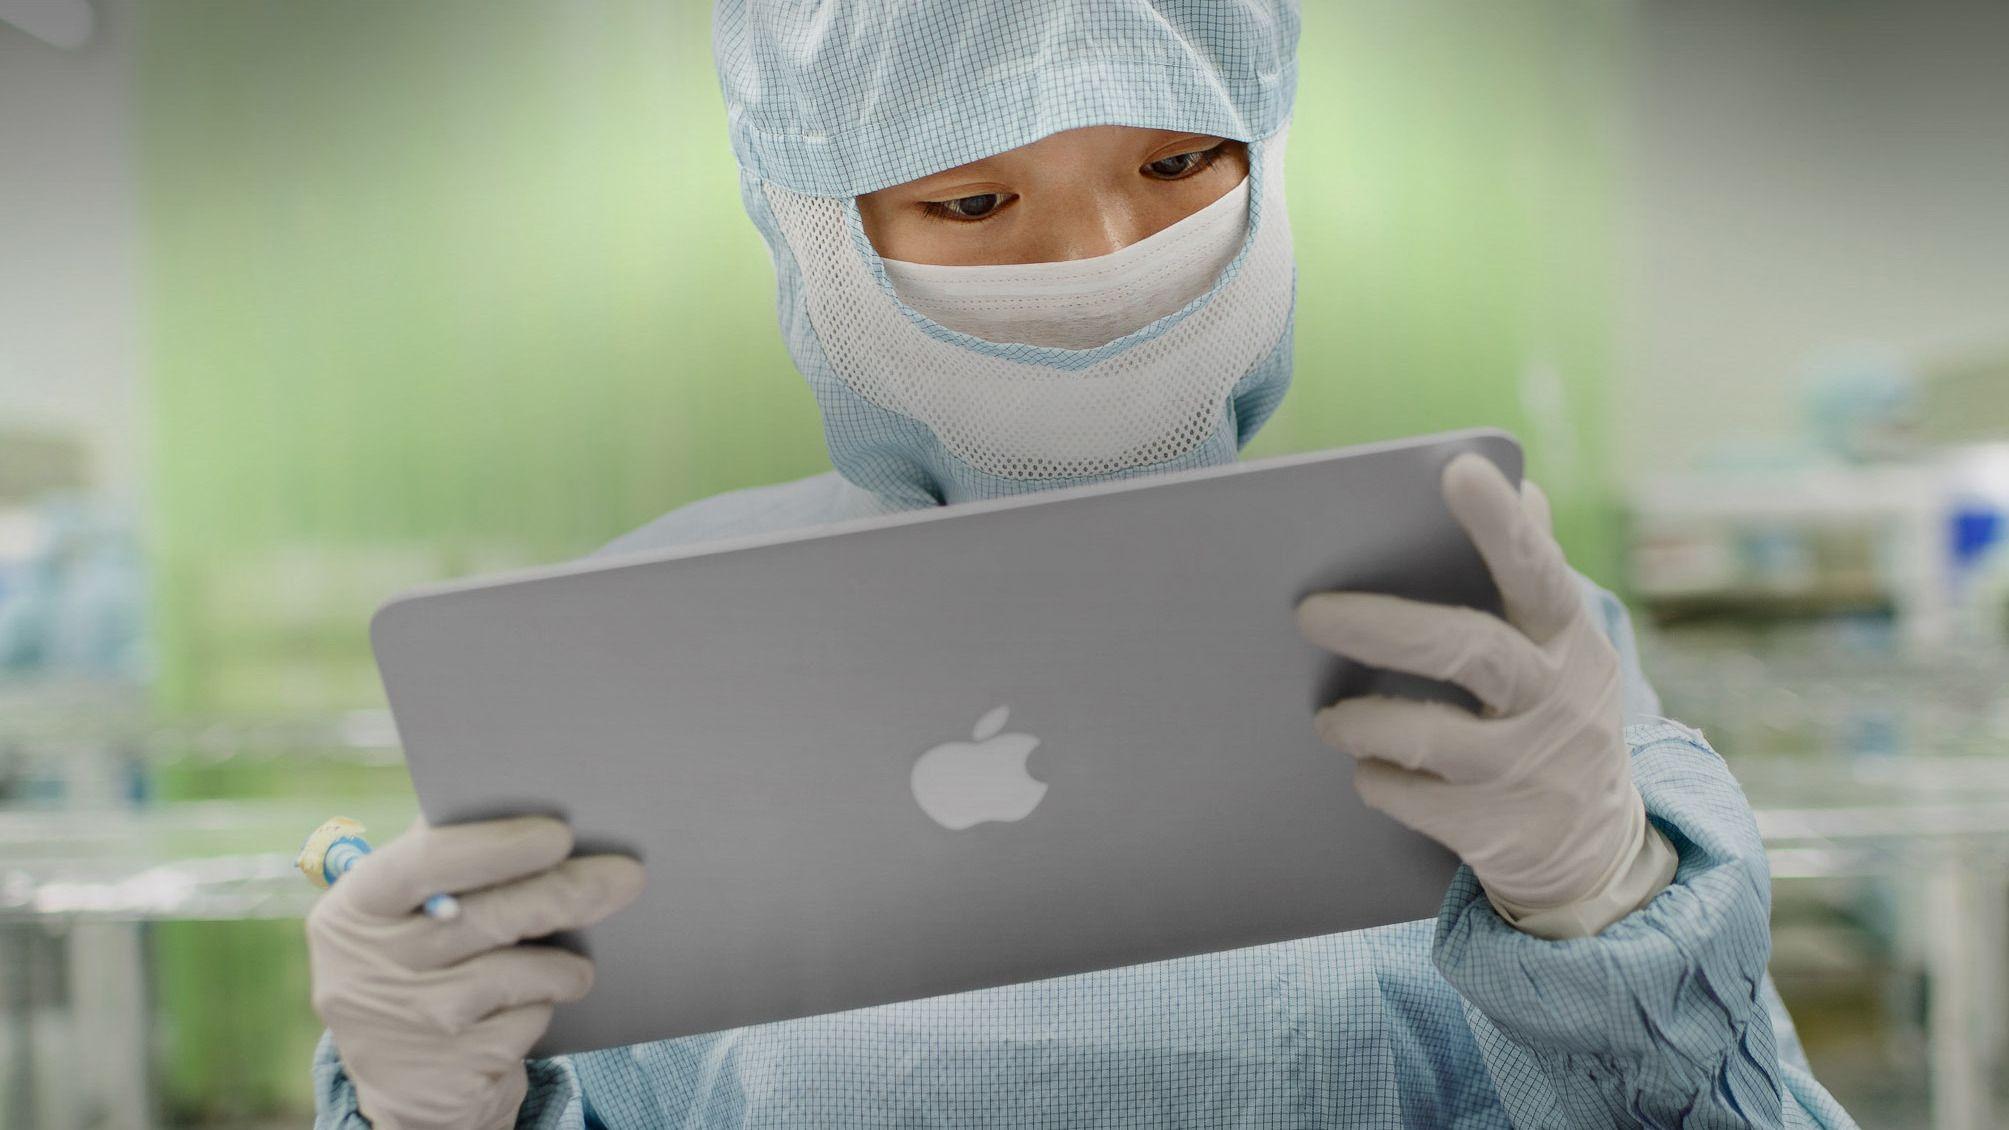 Slik skal Apple bli mer ansvarlige